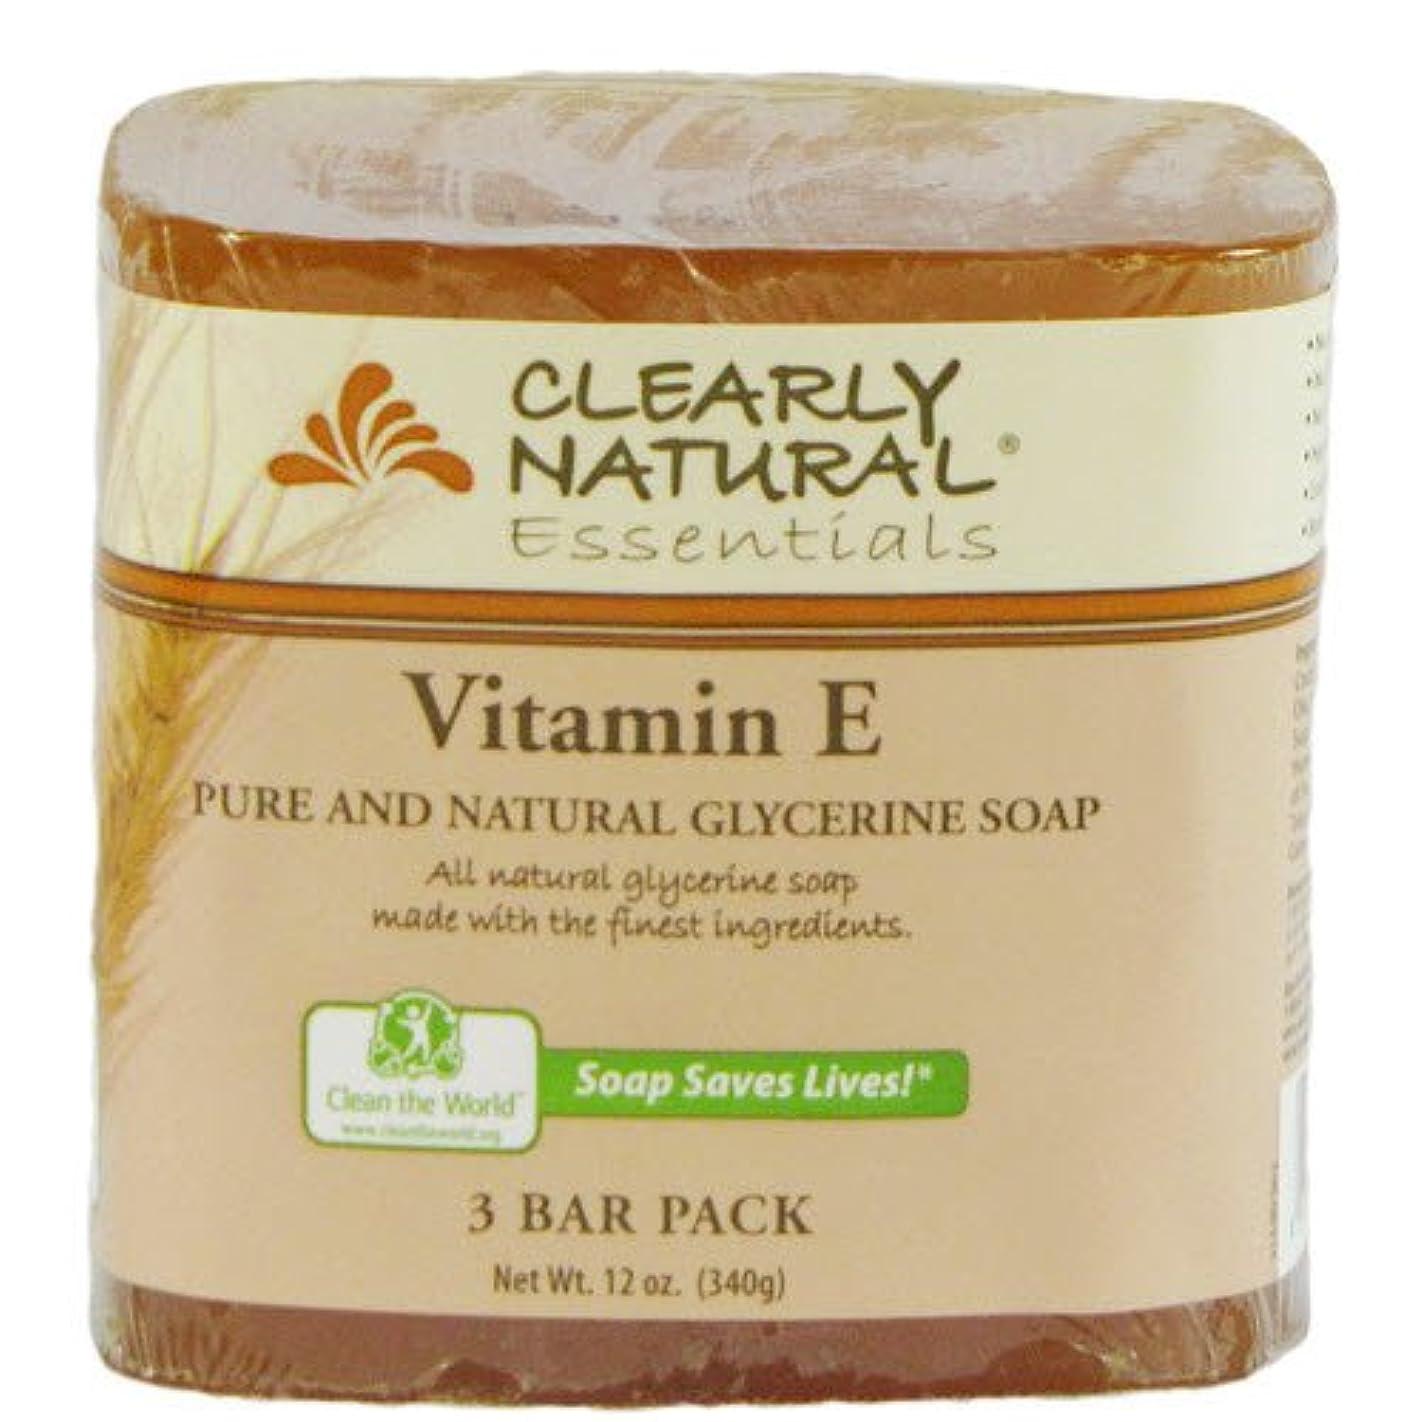 アコードハンドブック若さClearly Natural, Pure and Natural Glycerine Soap, Vitamin E, 3 Bar Pack, 4 oz Each